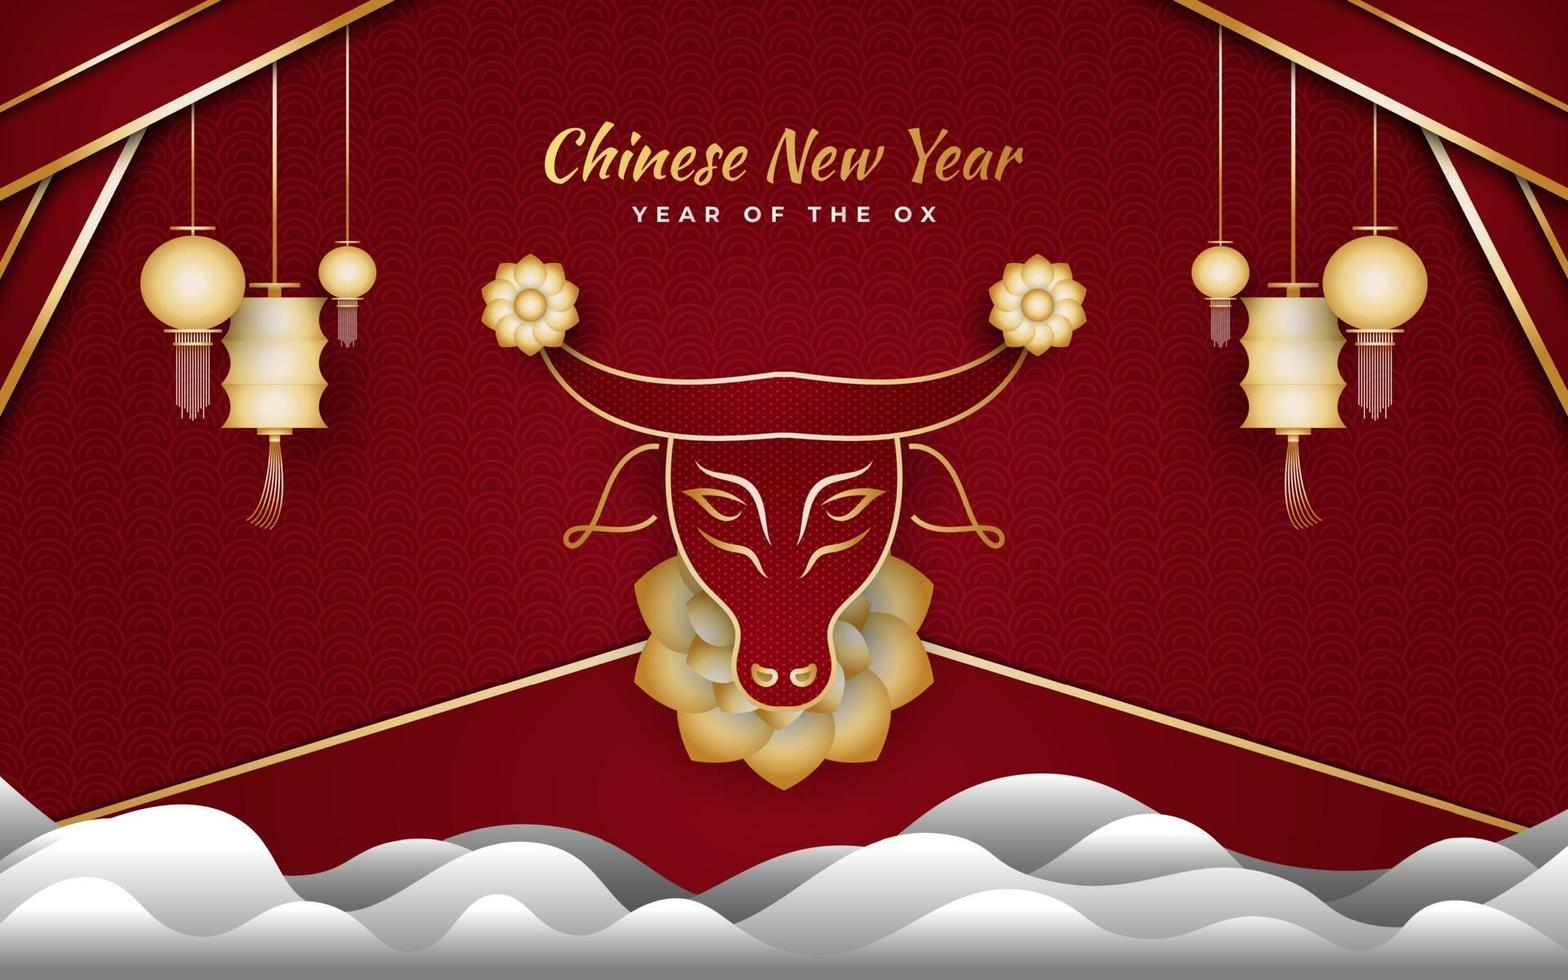 nouvel an chinois 2021 année du bœuf. bonne année lunaire bannière avec bœuf doré, nuage et lanterne sur fond rouge vecteur